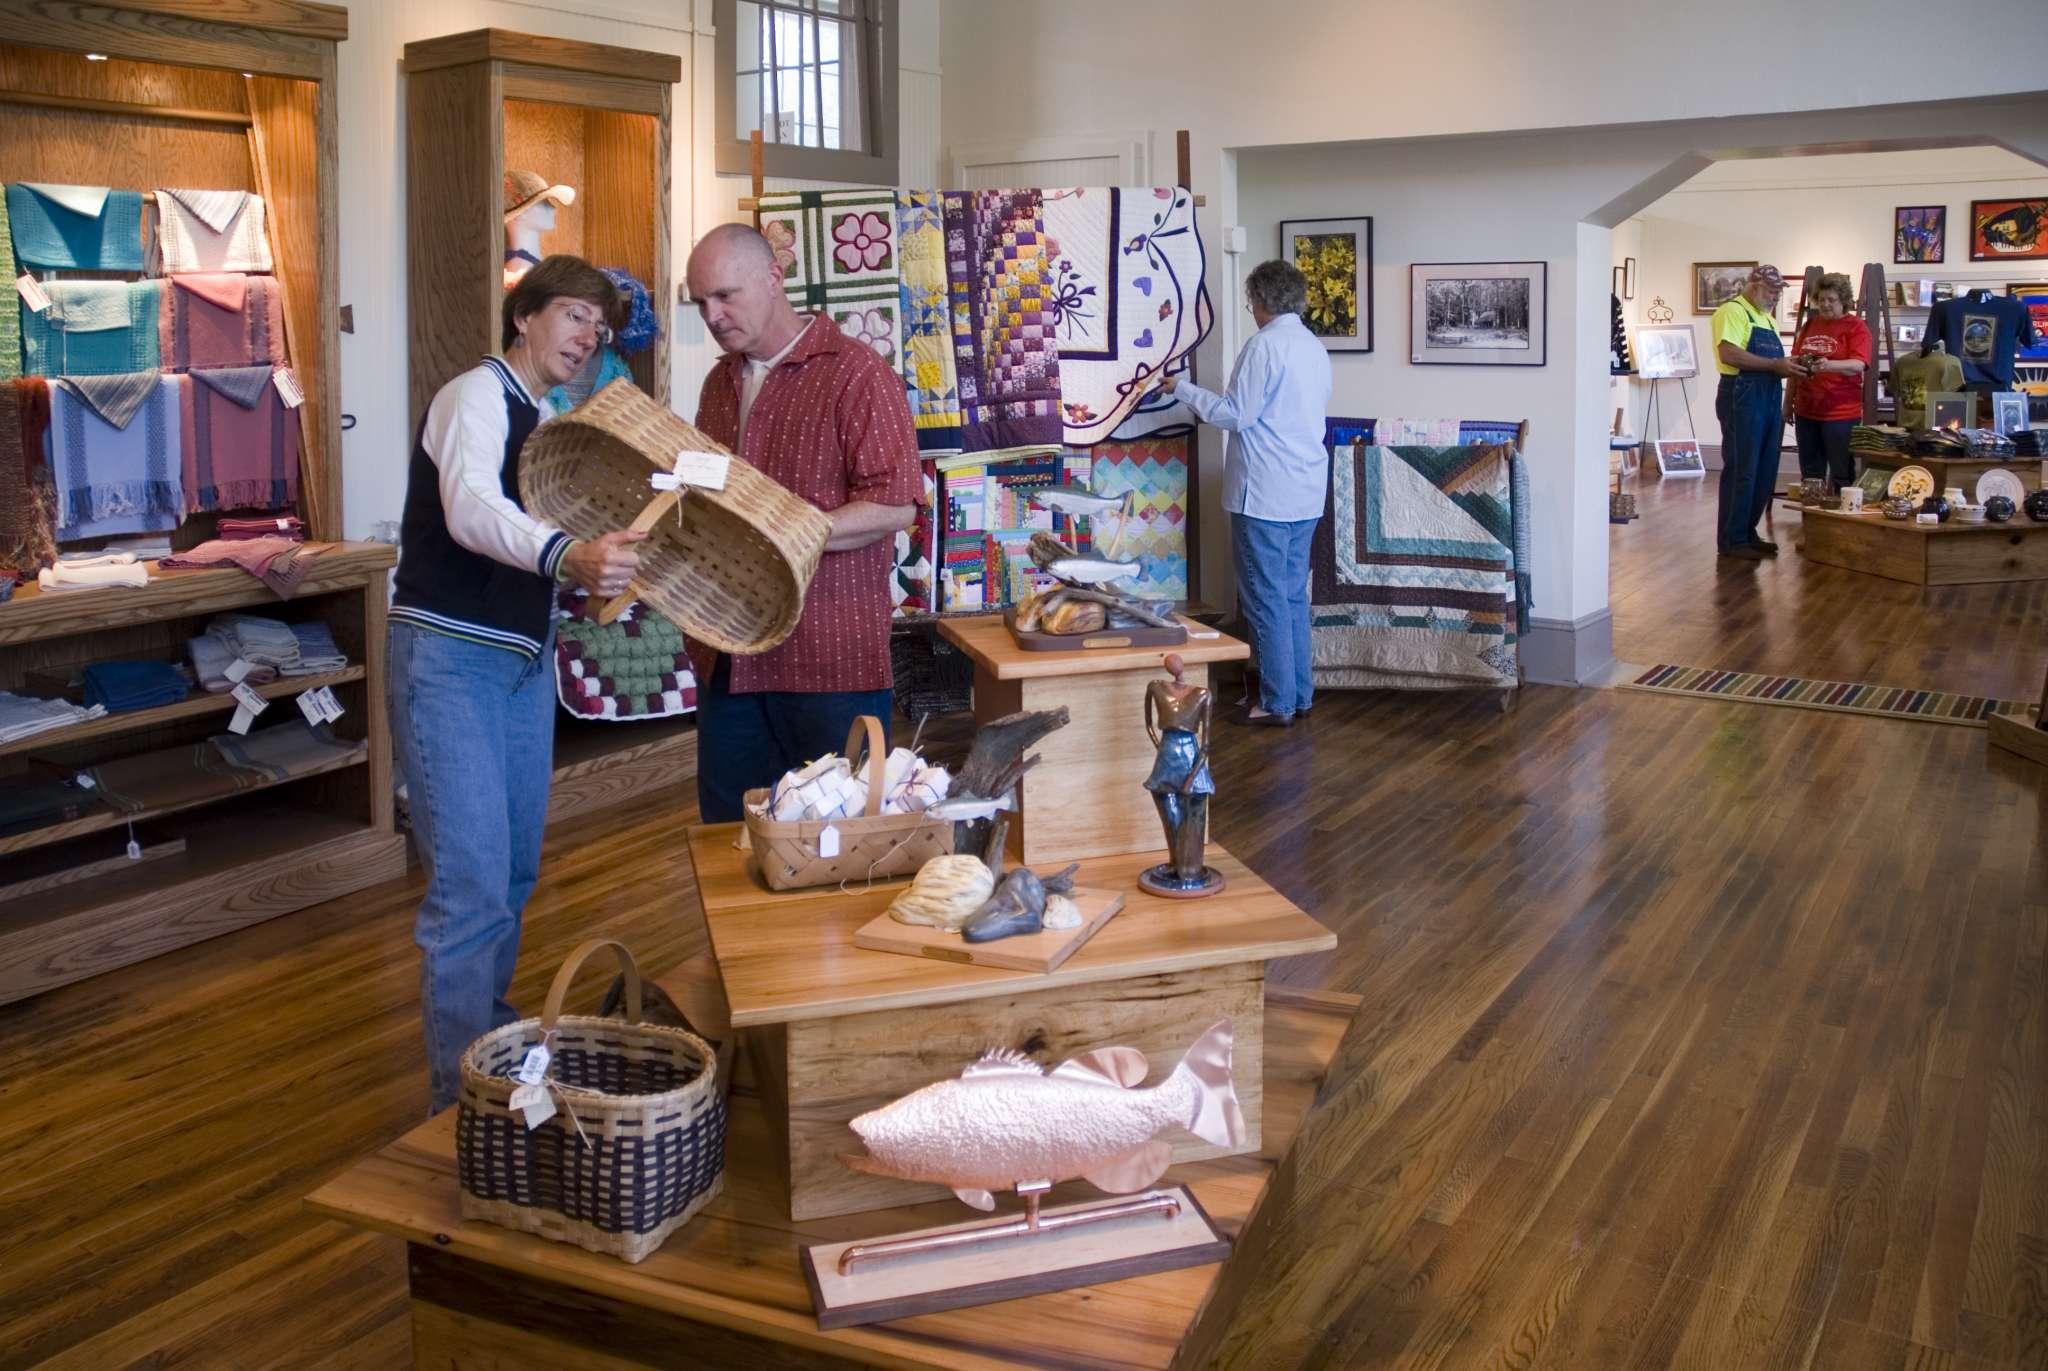 Stecoah Valley Cultural Arts Center Thumbnail